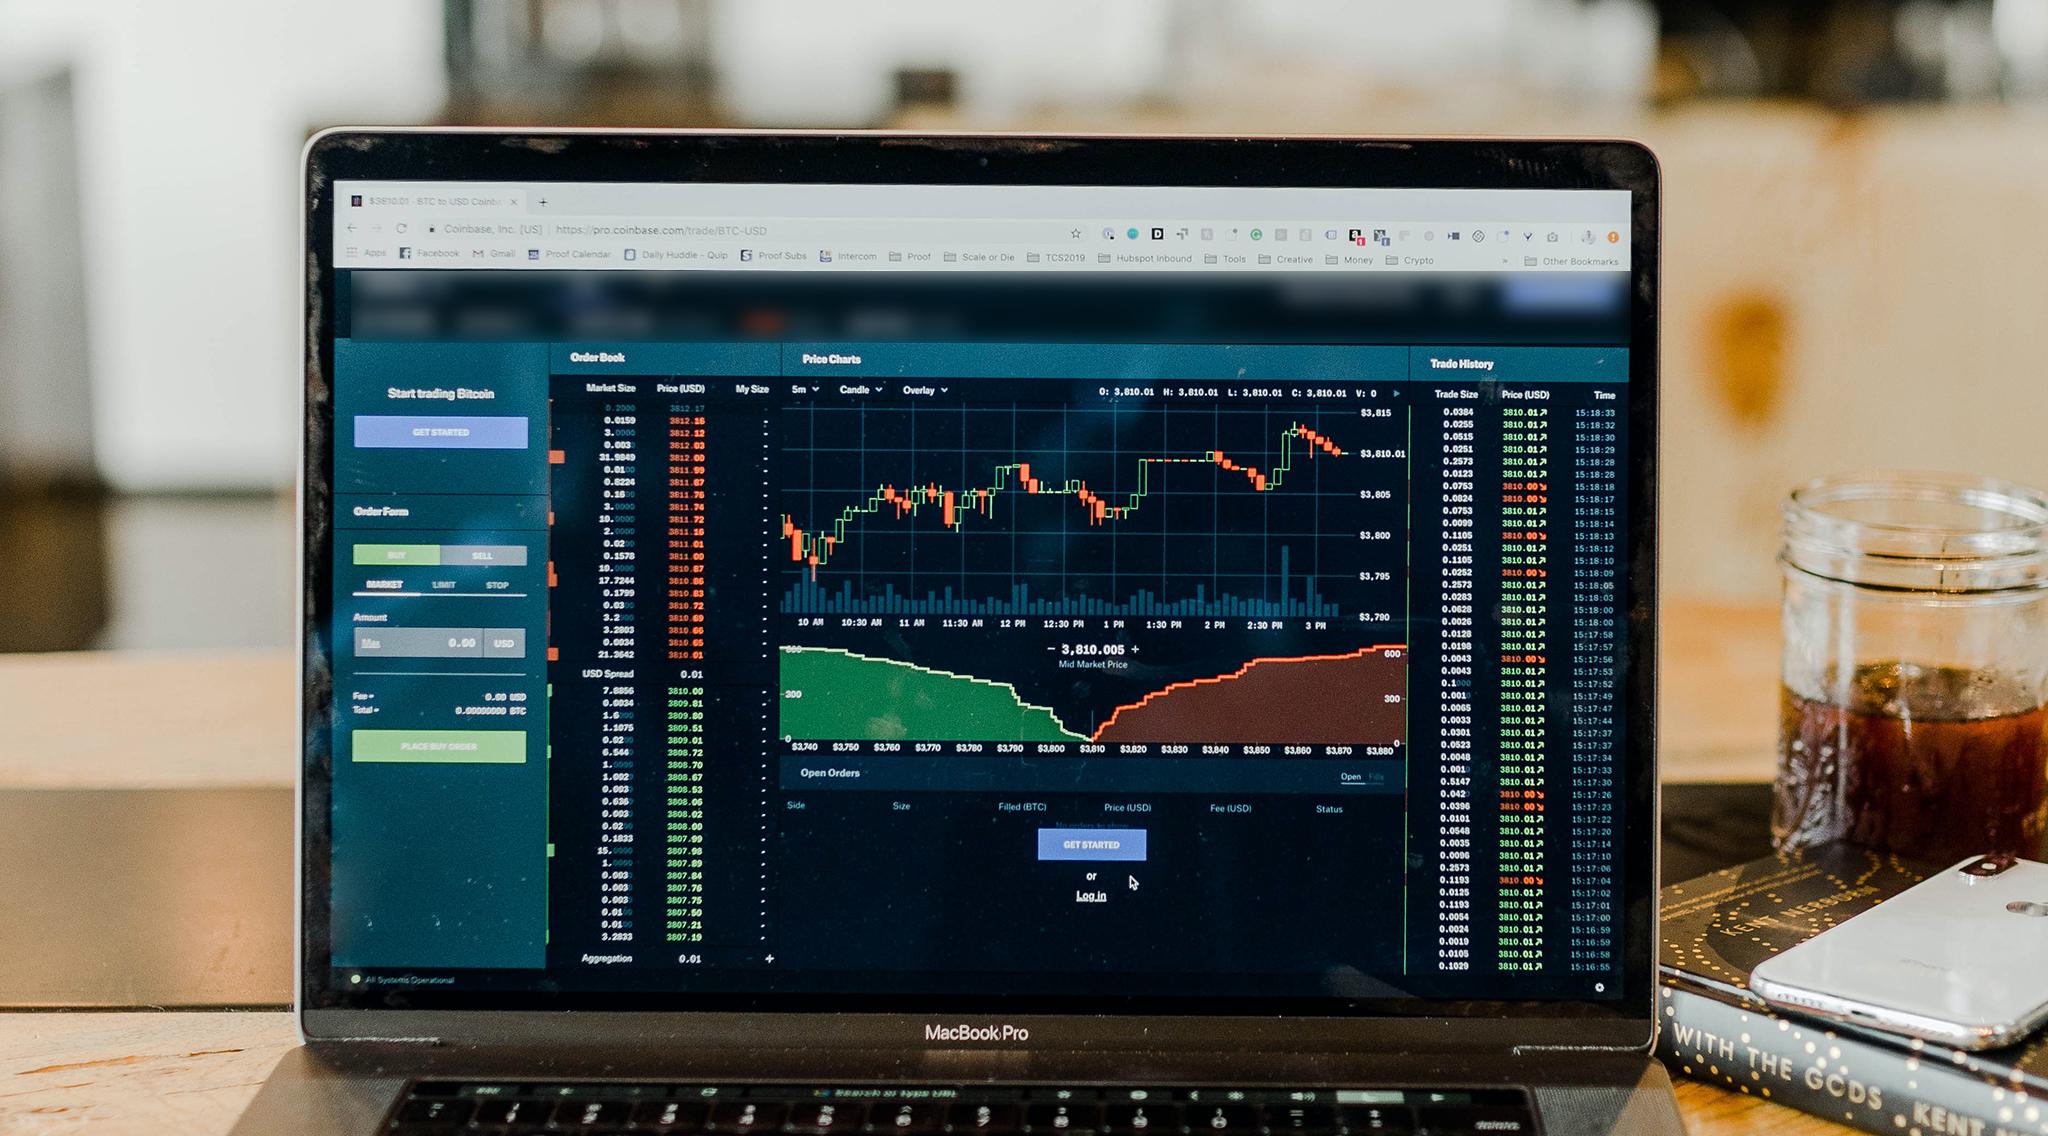 Team Behind $1 Billion Bitcoin ETP to List the First Litecoin ETP on Deutsche Börse's XETRA